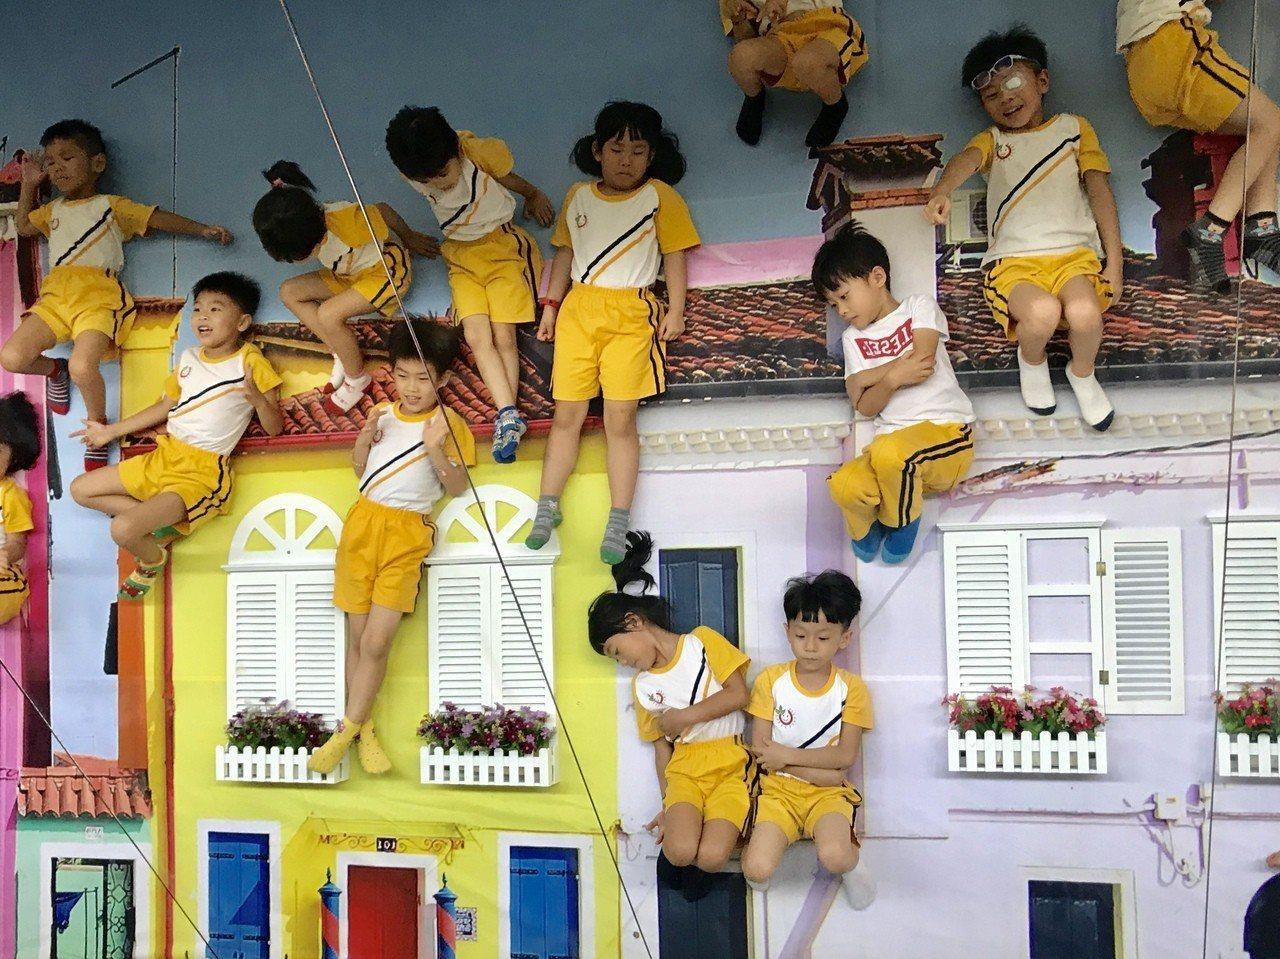 屏東藝術館中3樓義大利彩色島的鏡射屋,彷彿飄浮在空中,小朋友玩得很開心。記者江國...